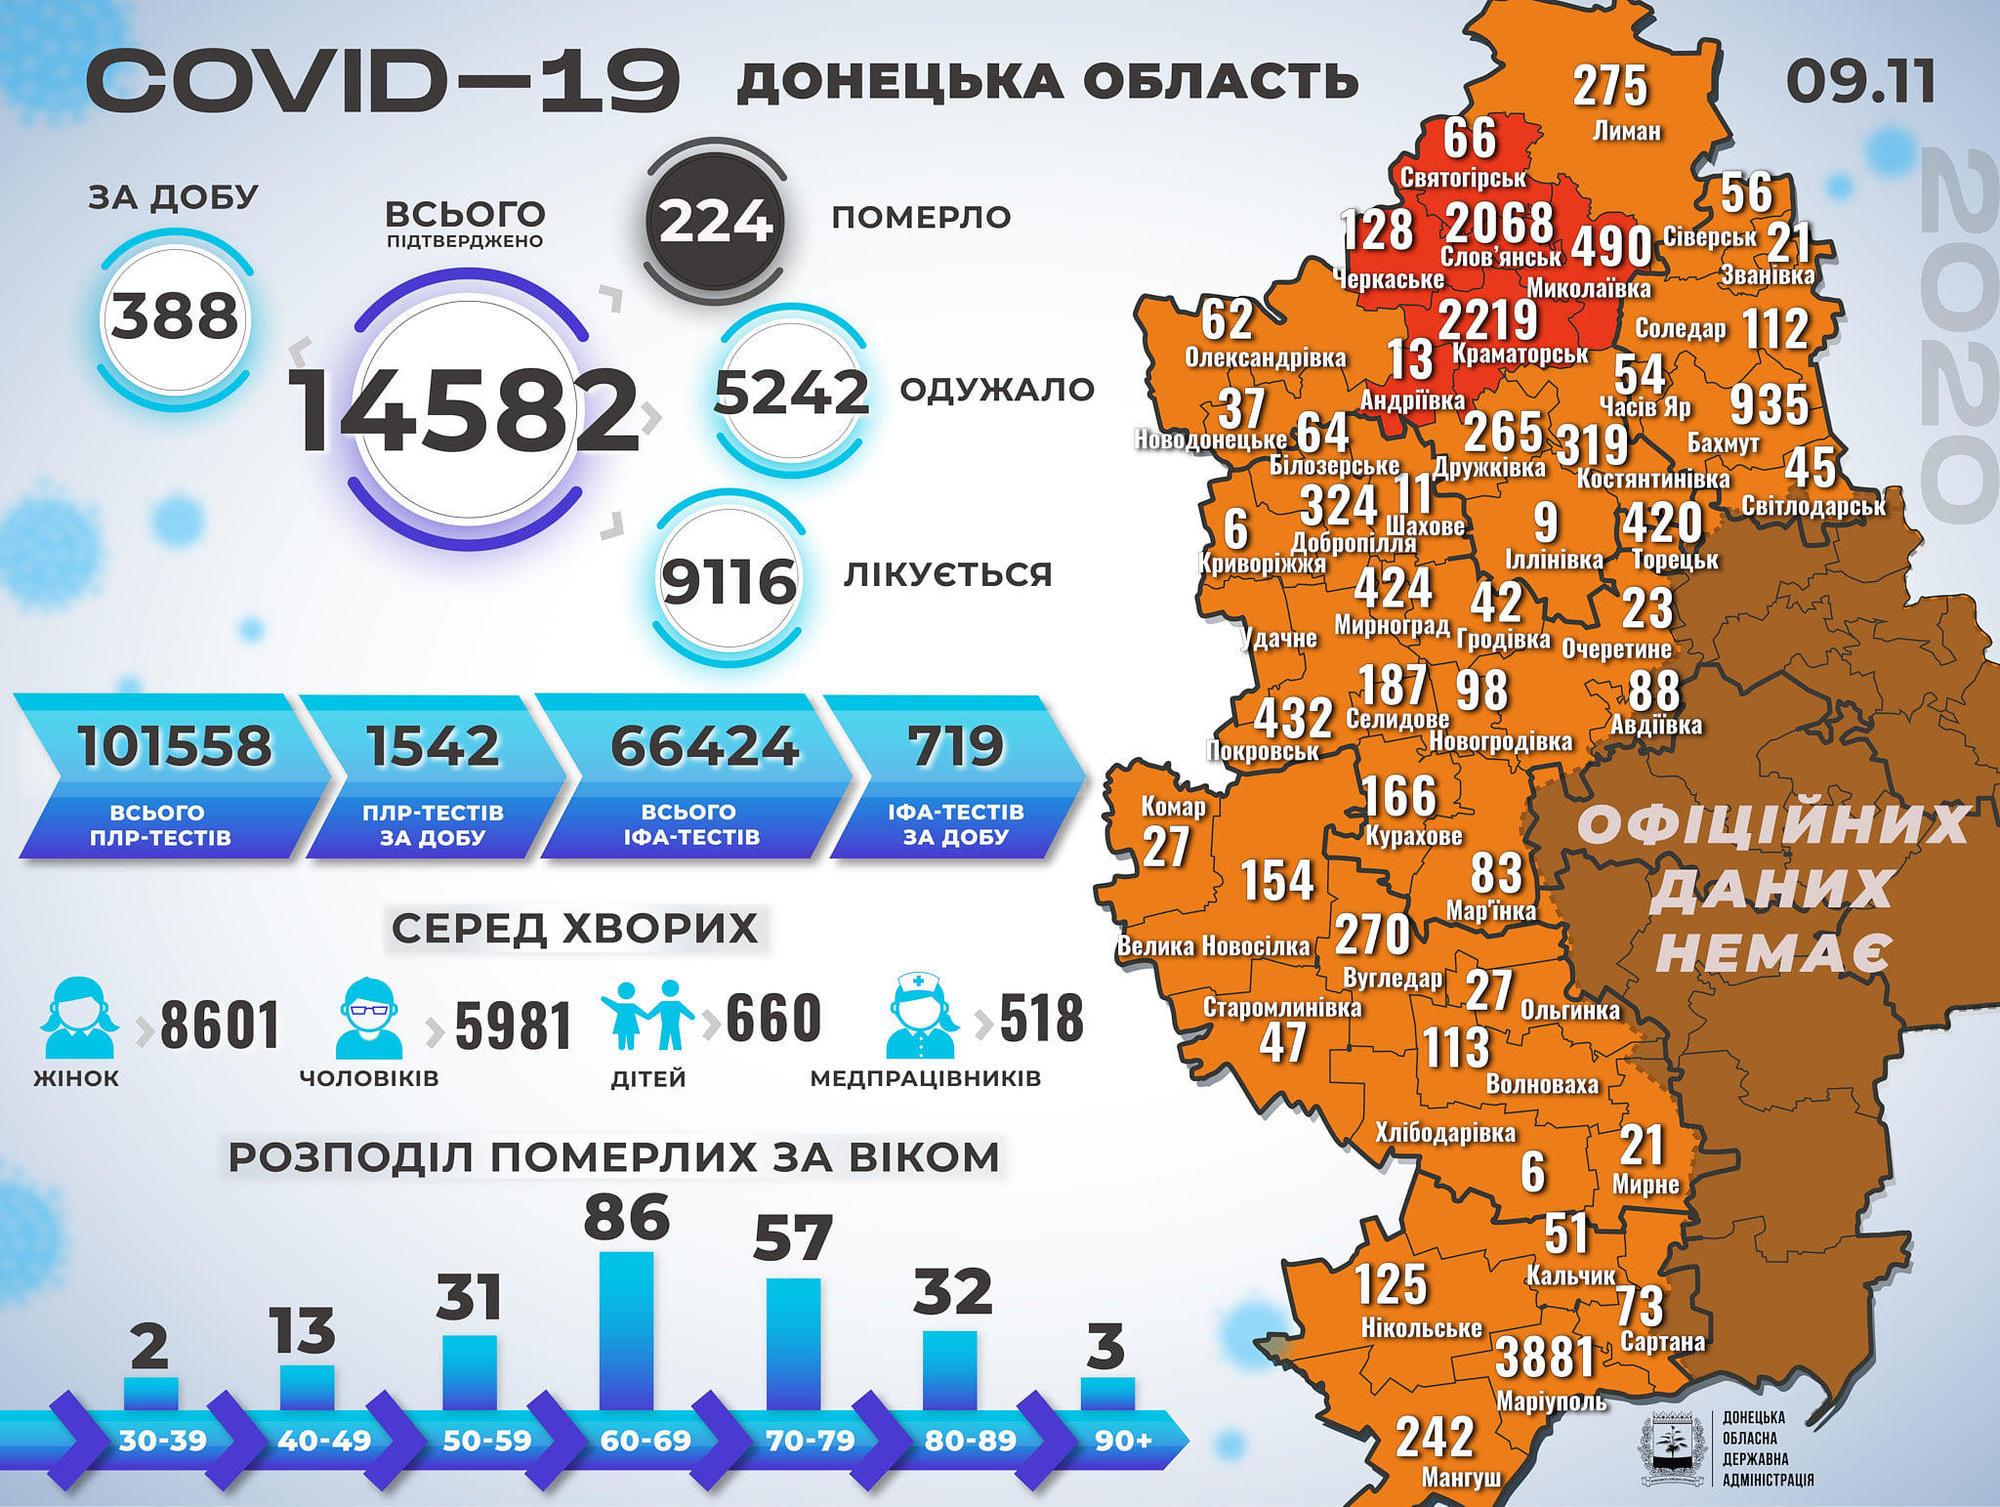 Ще майже 400 мешканців підконтрольної Донеччини захворіли на COVID-19